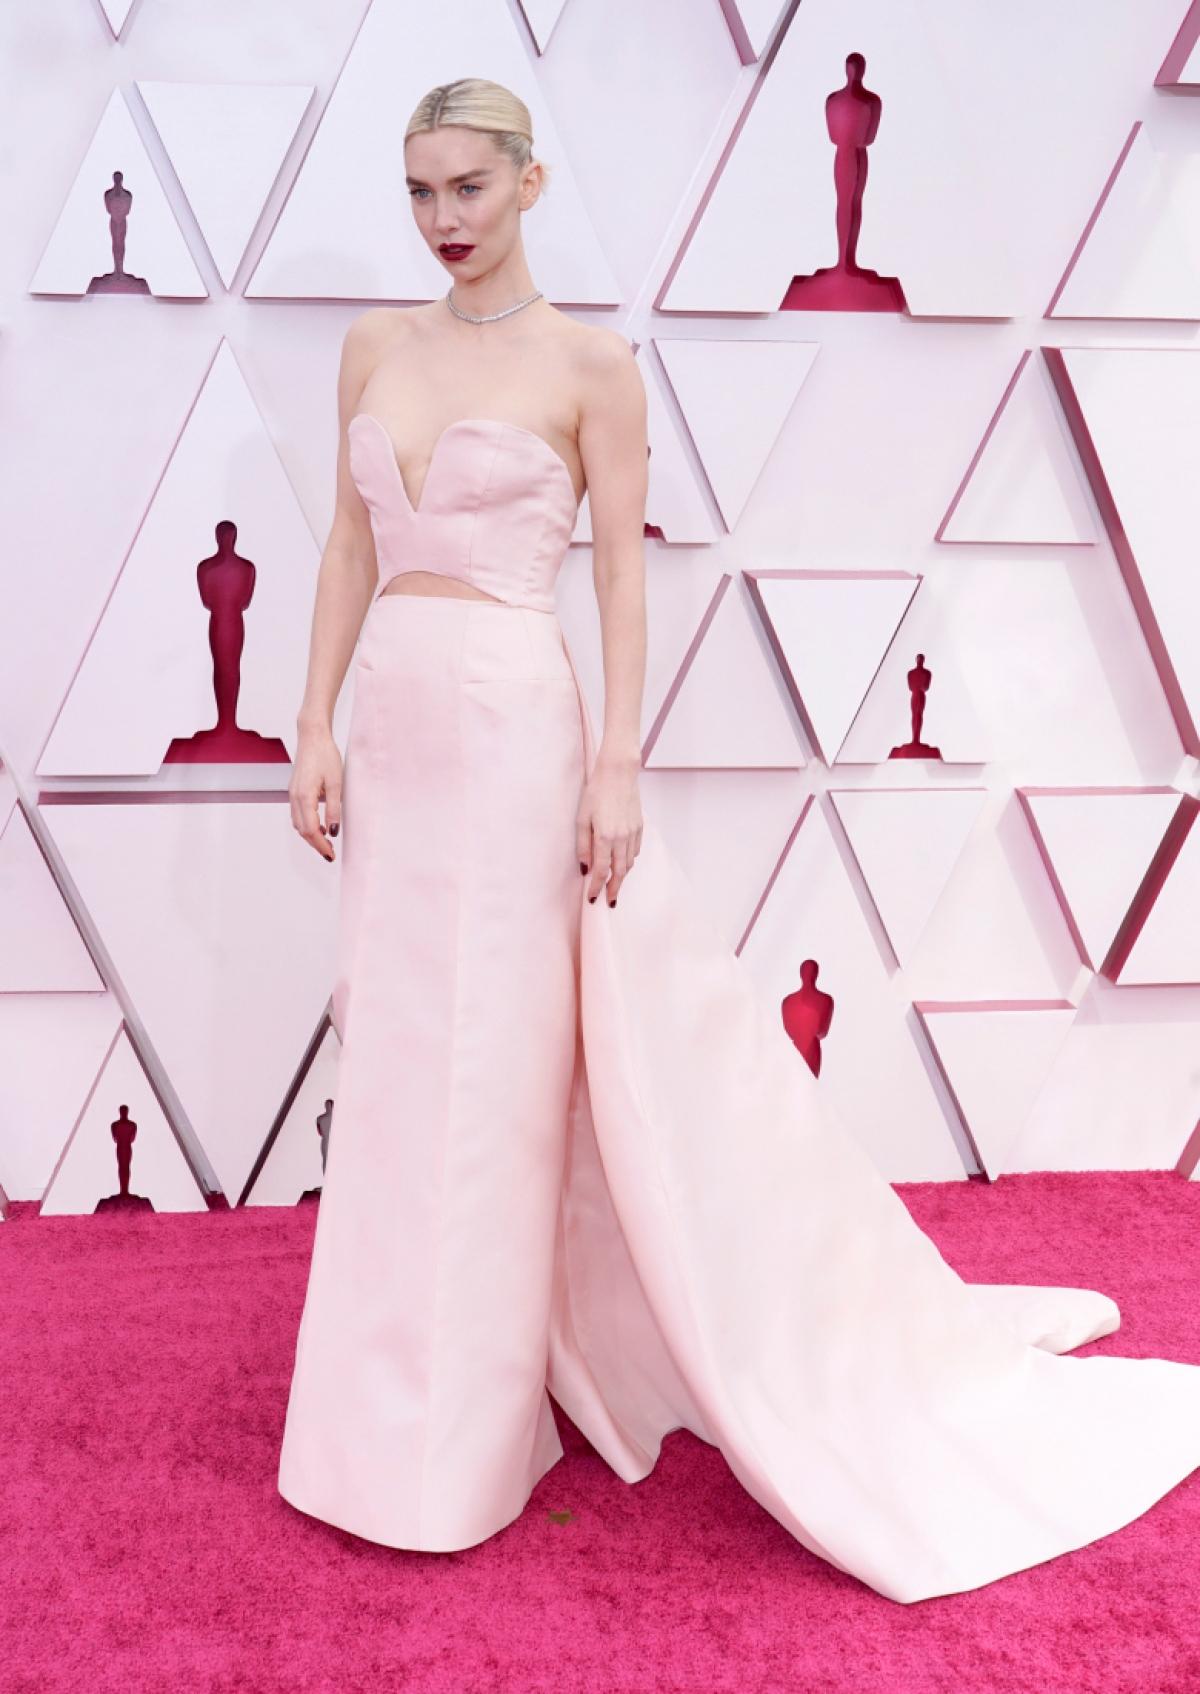 """Nữ diễn viên Vanesssa Kirby sẽ tranh giải thưởng """"Nữ diễn viên chính xuất sắc nhất"""" cho màn trình diễn ấn tượng trong """"Pieces of a Woman""""."""